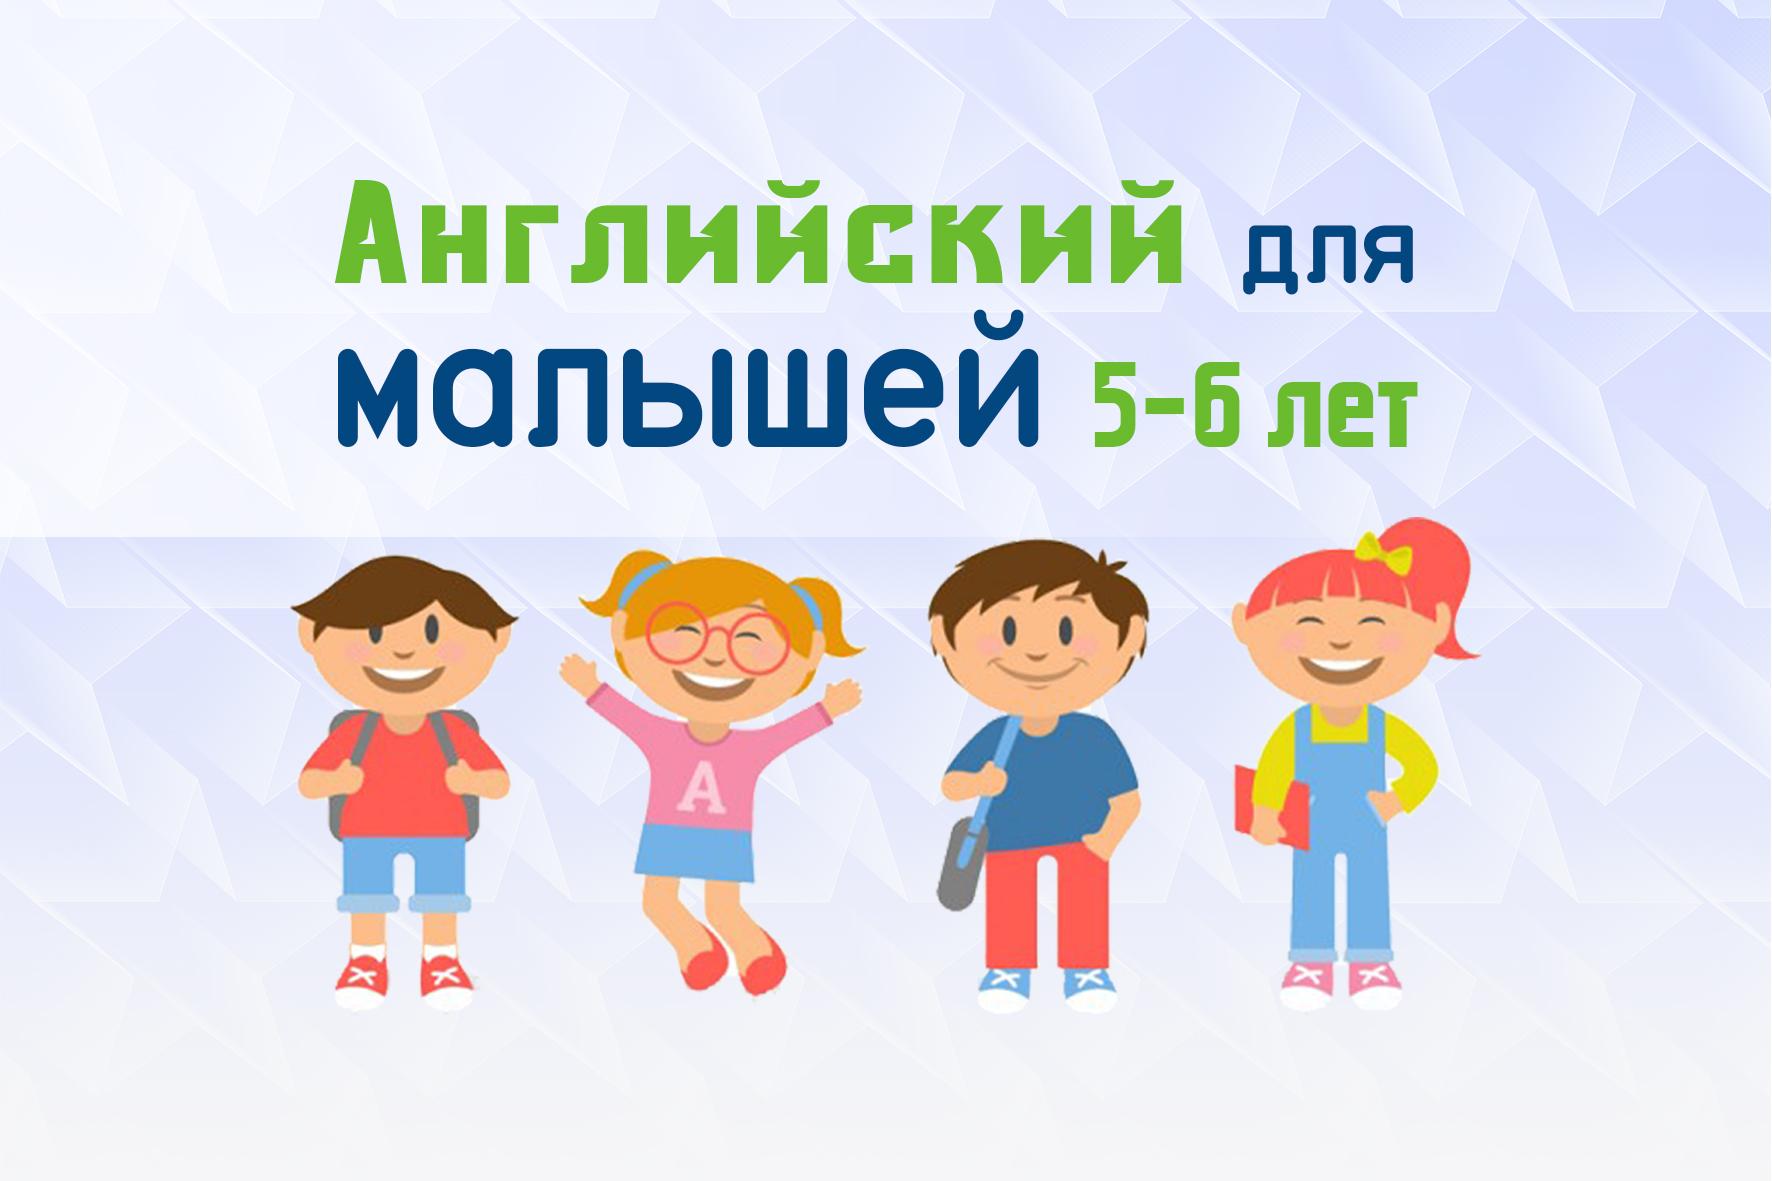 Английский для малышей КАРТИНКА